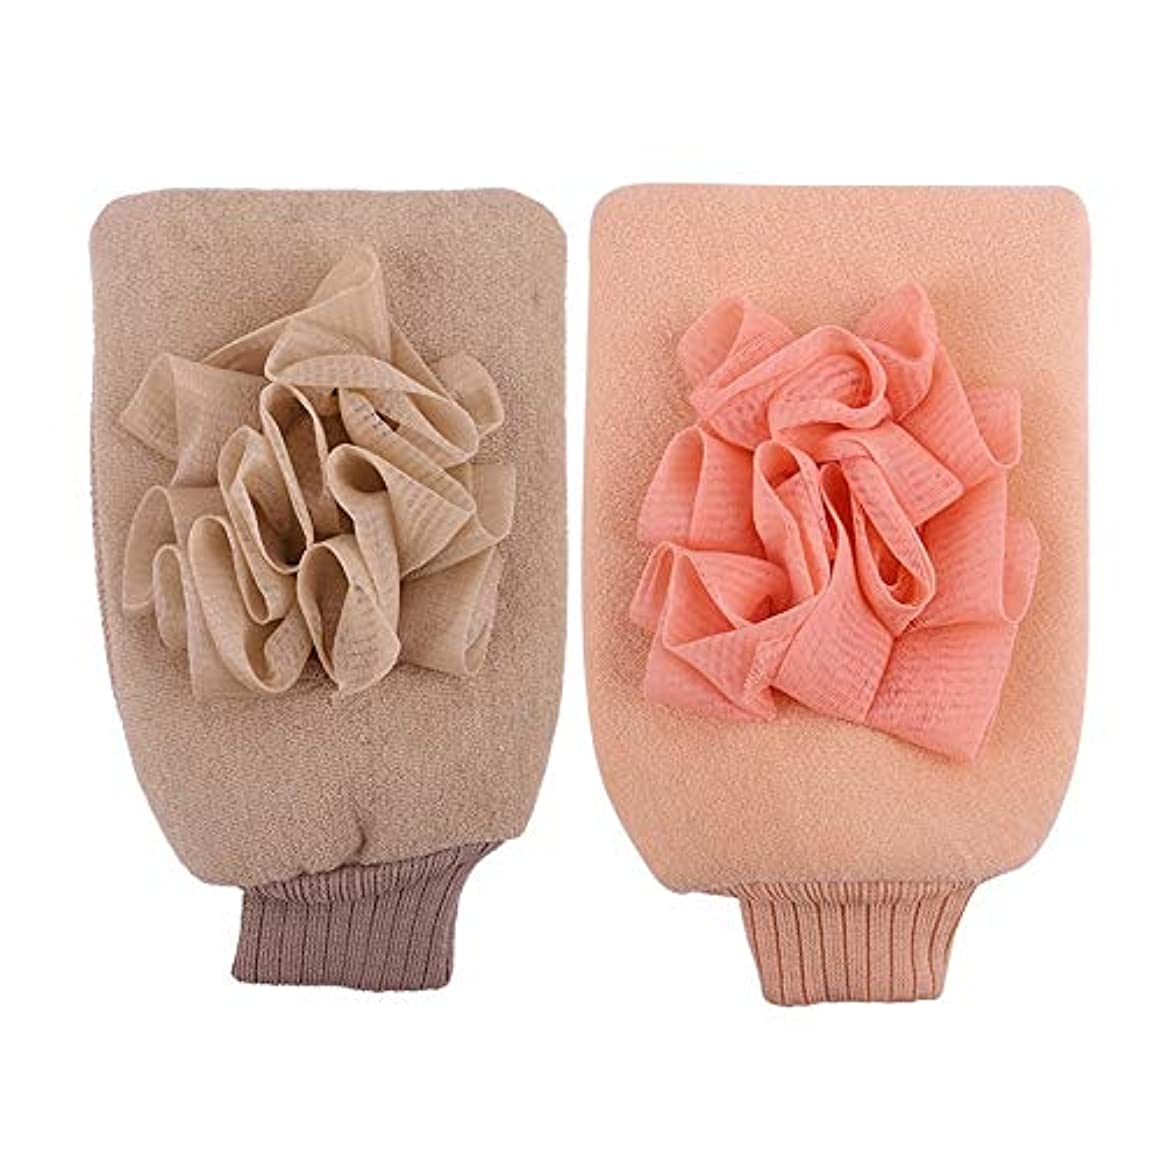 迷惑ゆでる統治可能BTXXYJP お風呂用手袋 シャワー手袋 あかすり手袋 ボディブラシ やわらか ボディタオル バス用品 男女兼用 角質除去 (Color : Pink+beige)